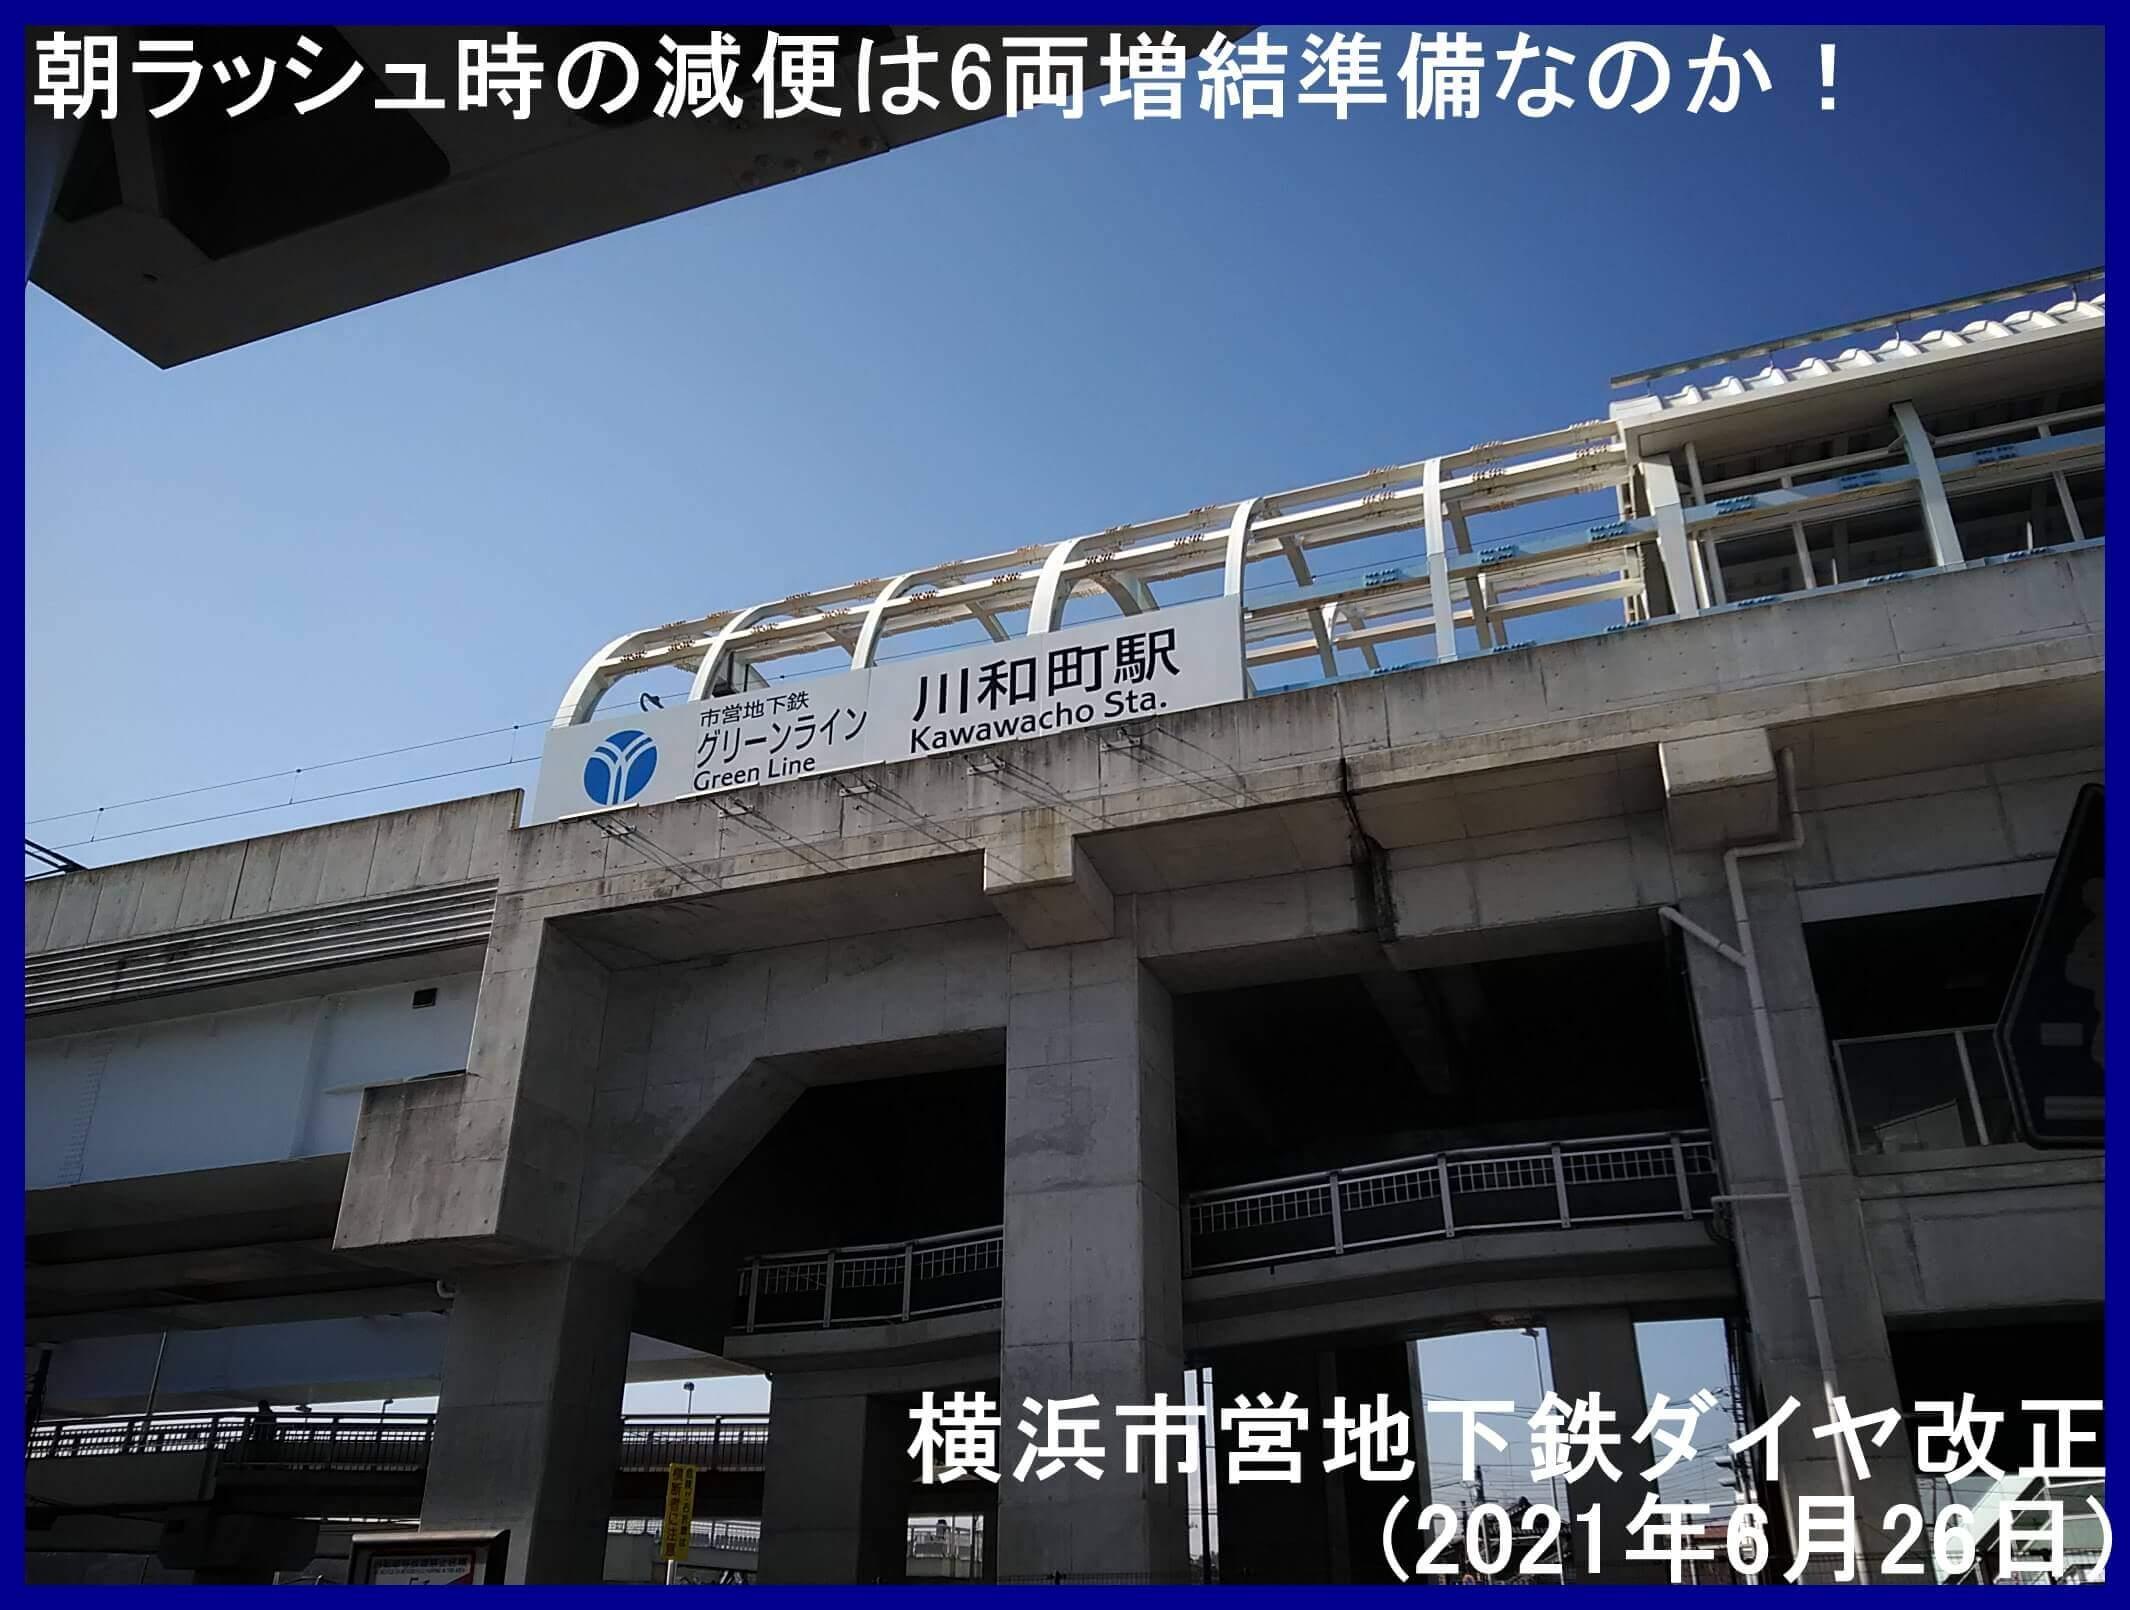 朝ラッシュ時の減便は6両増結準備なのか! 横浜市営地下鉄ダイヤ改正(2021年6月26日)